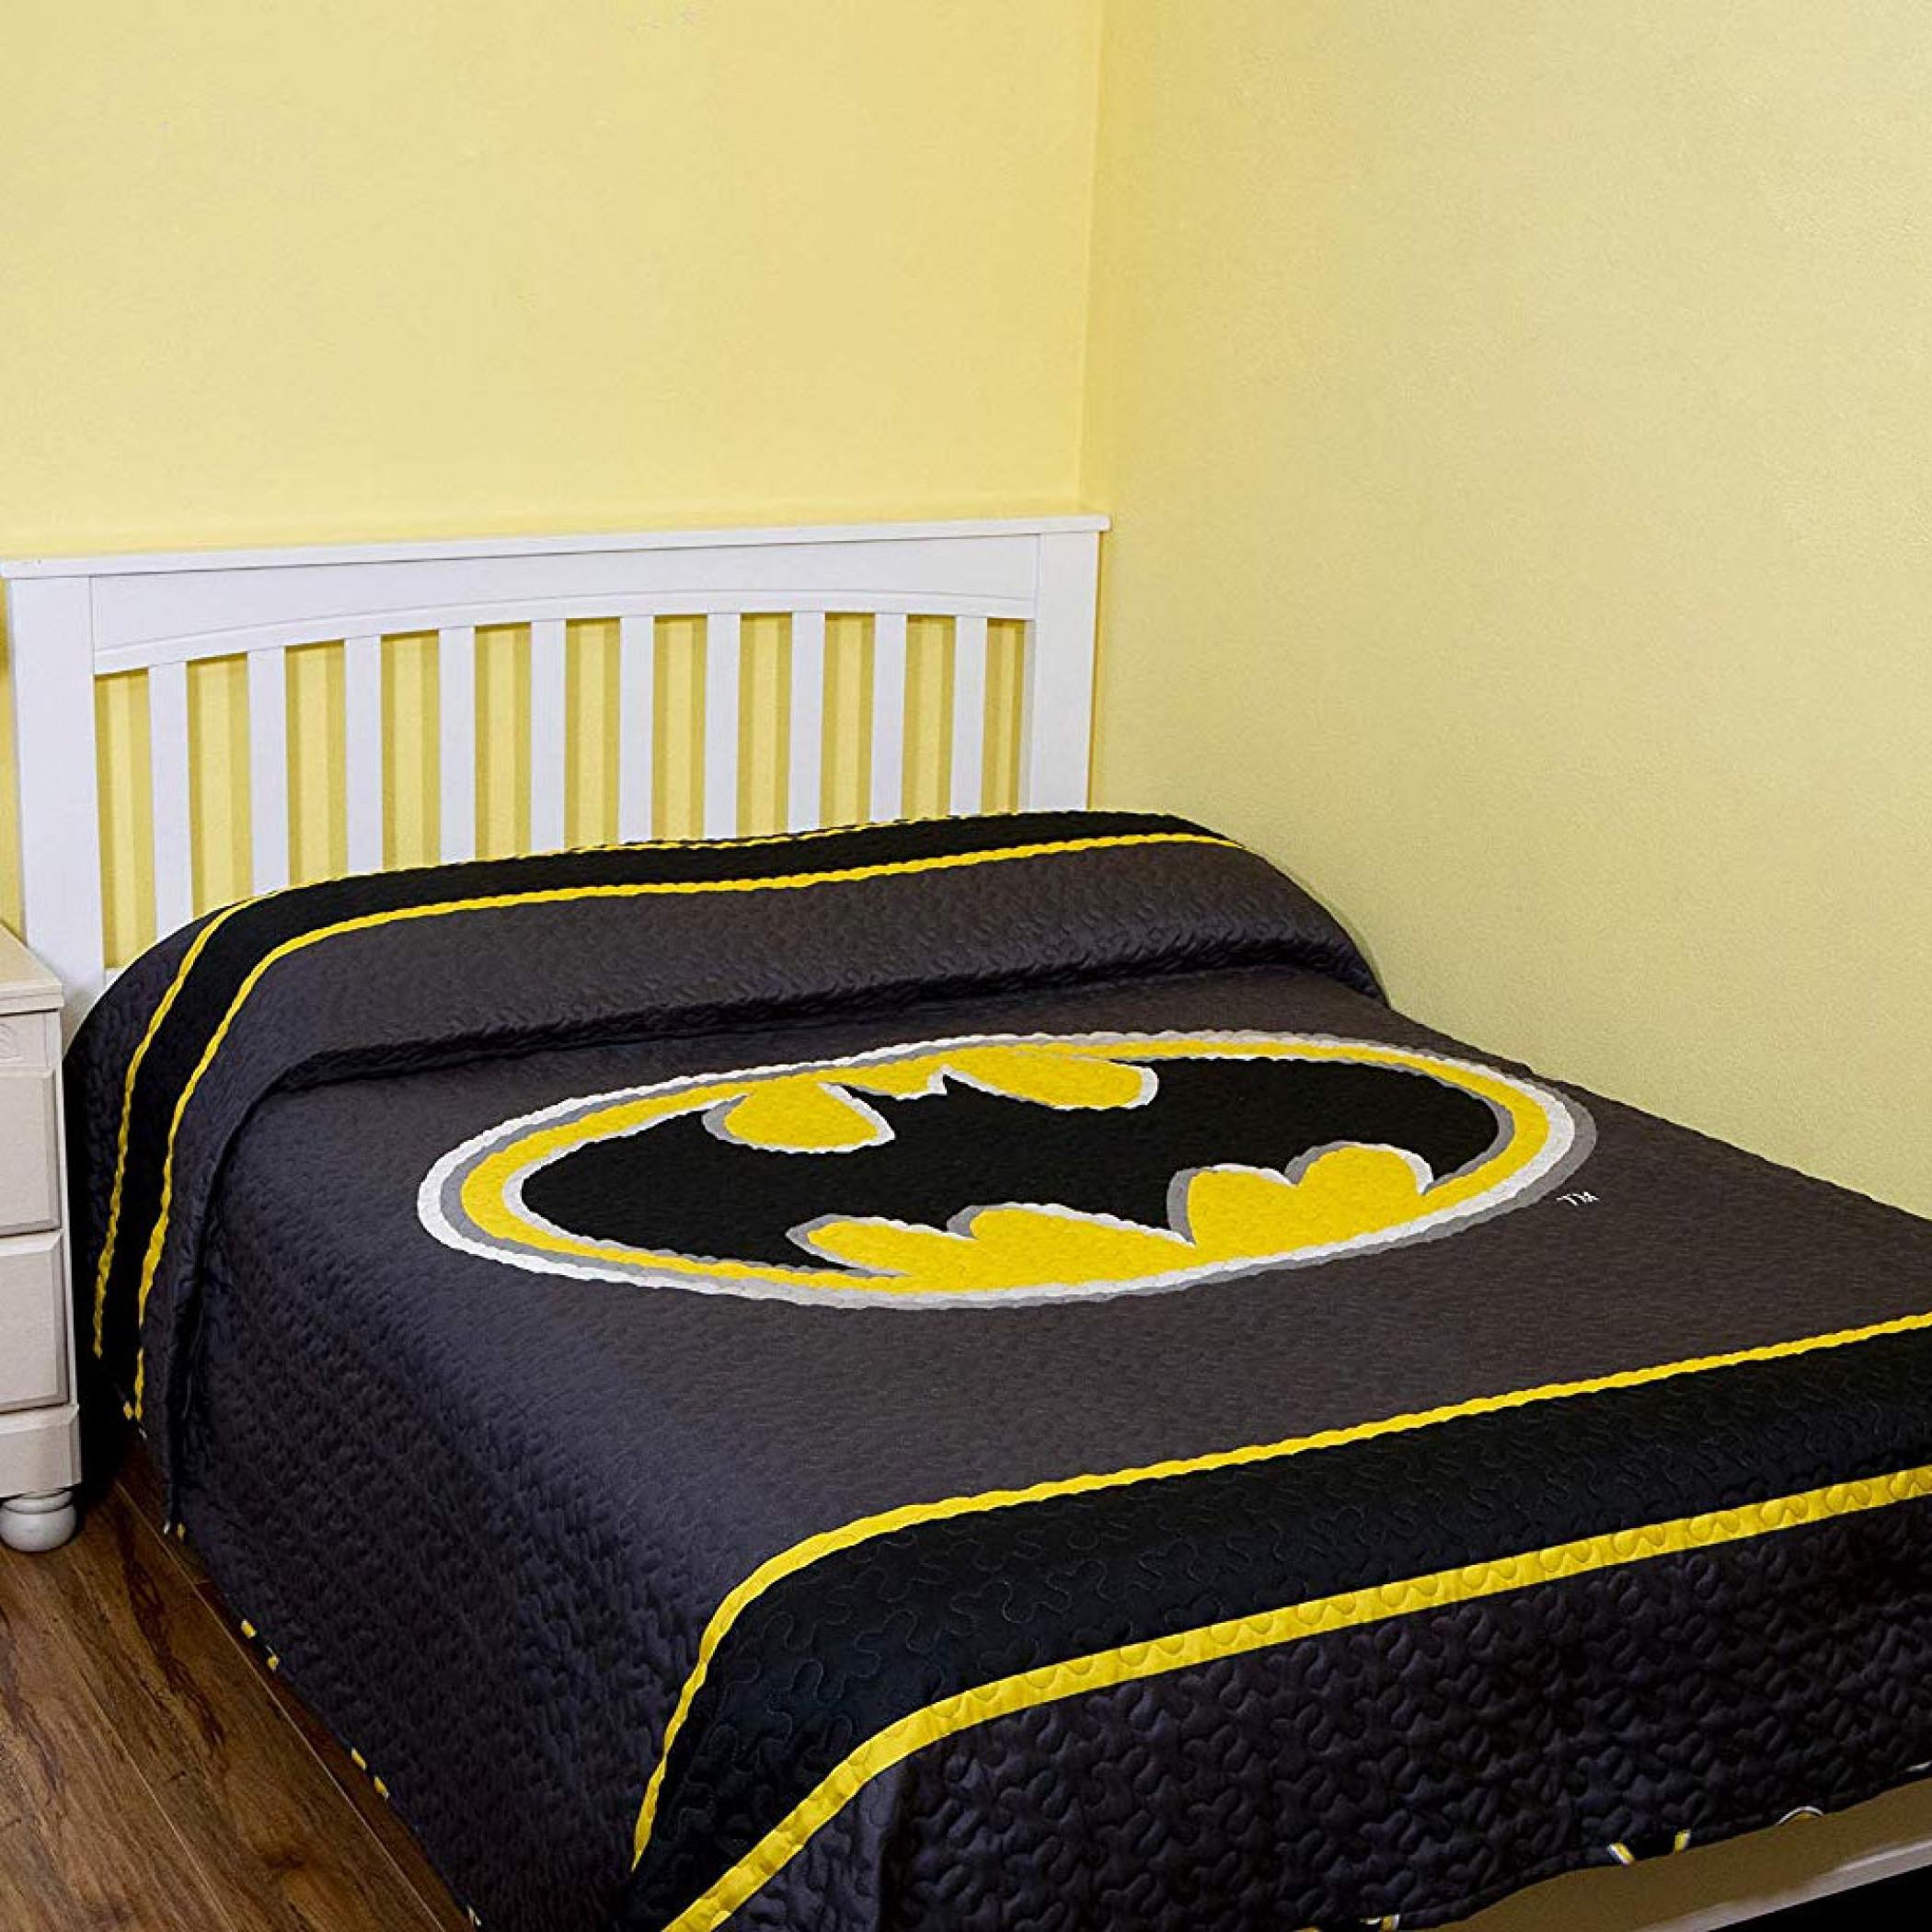 Batman Emblem Grey Queen Size Bedspread